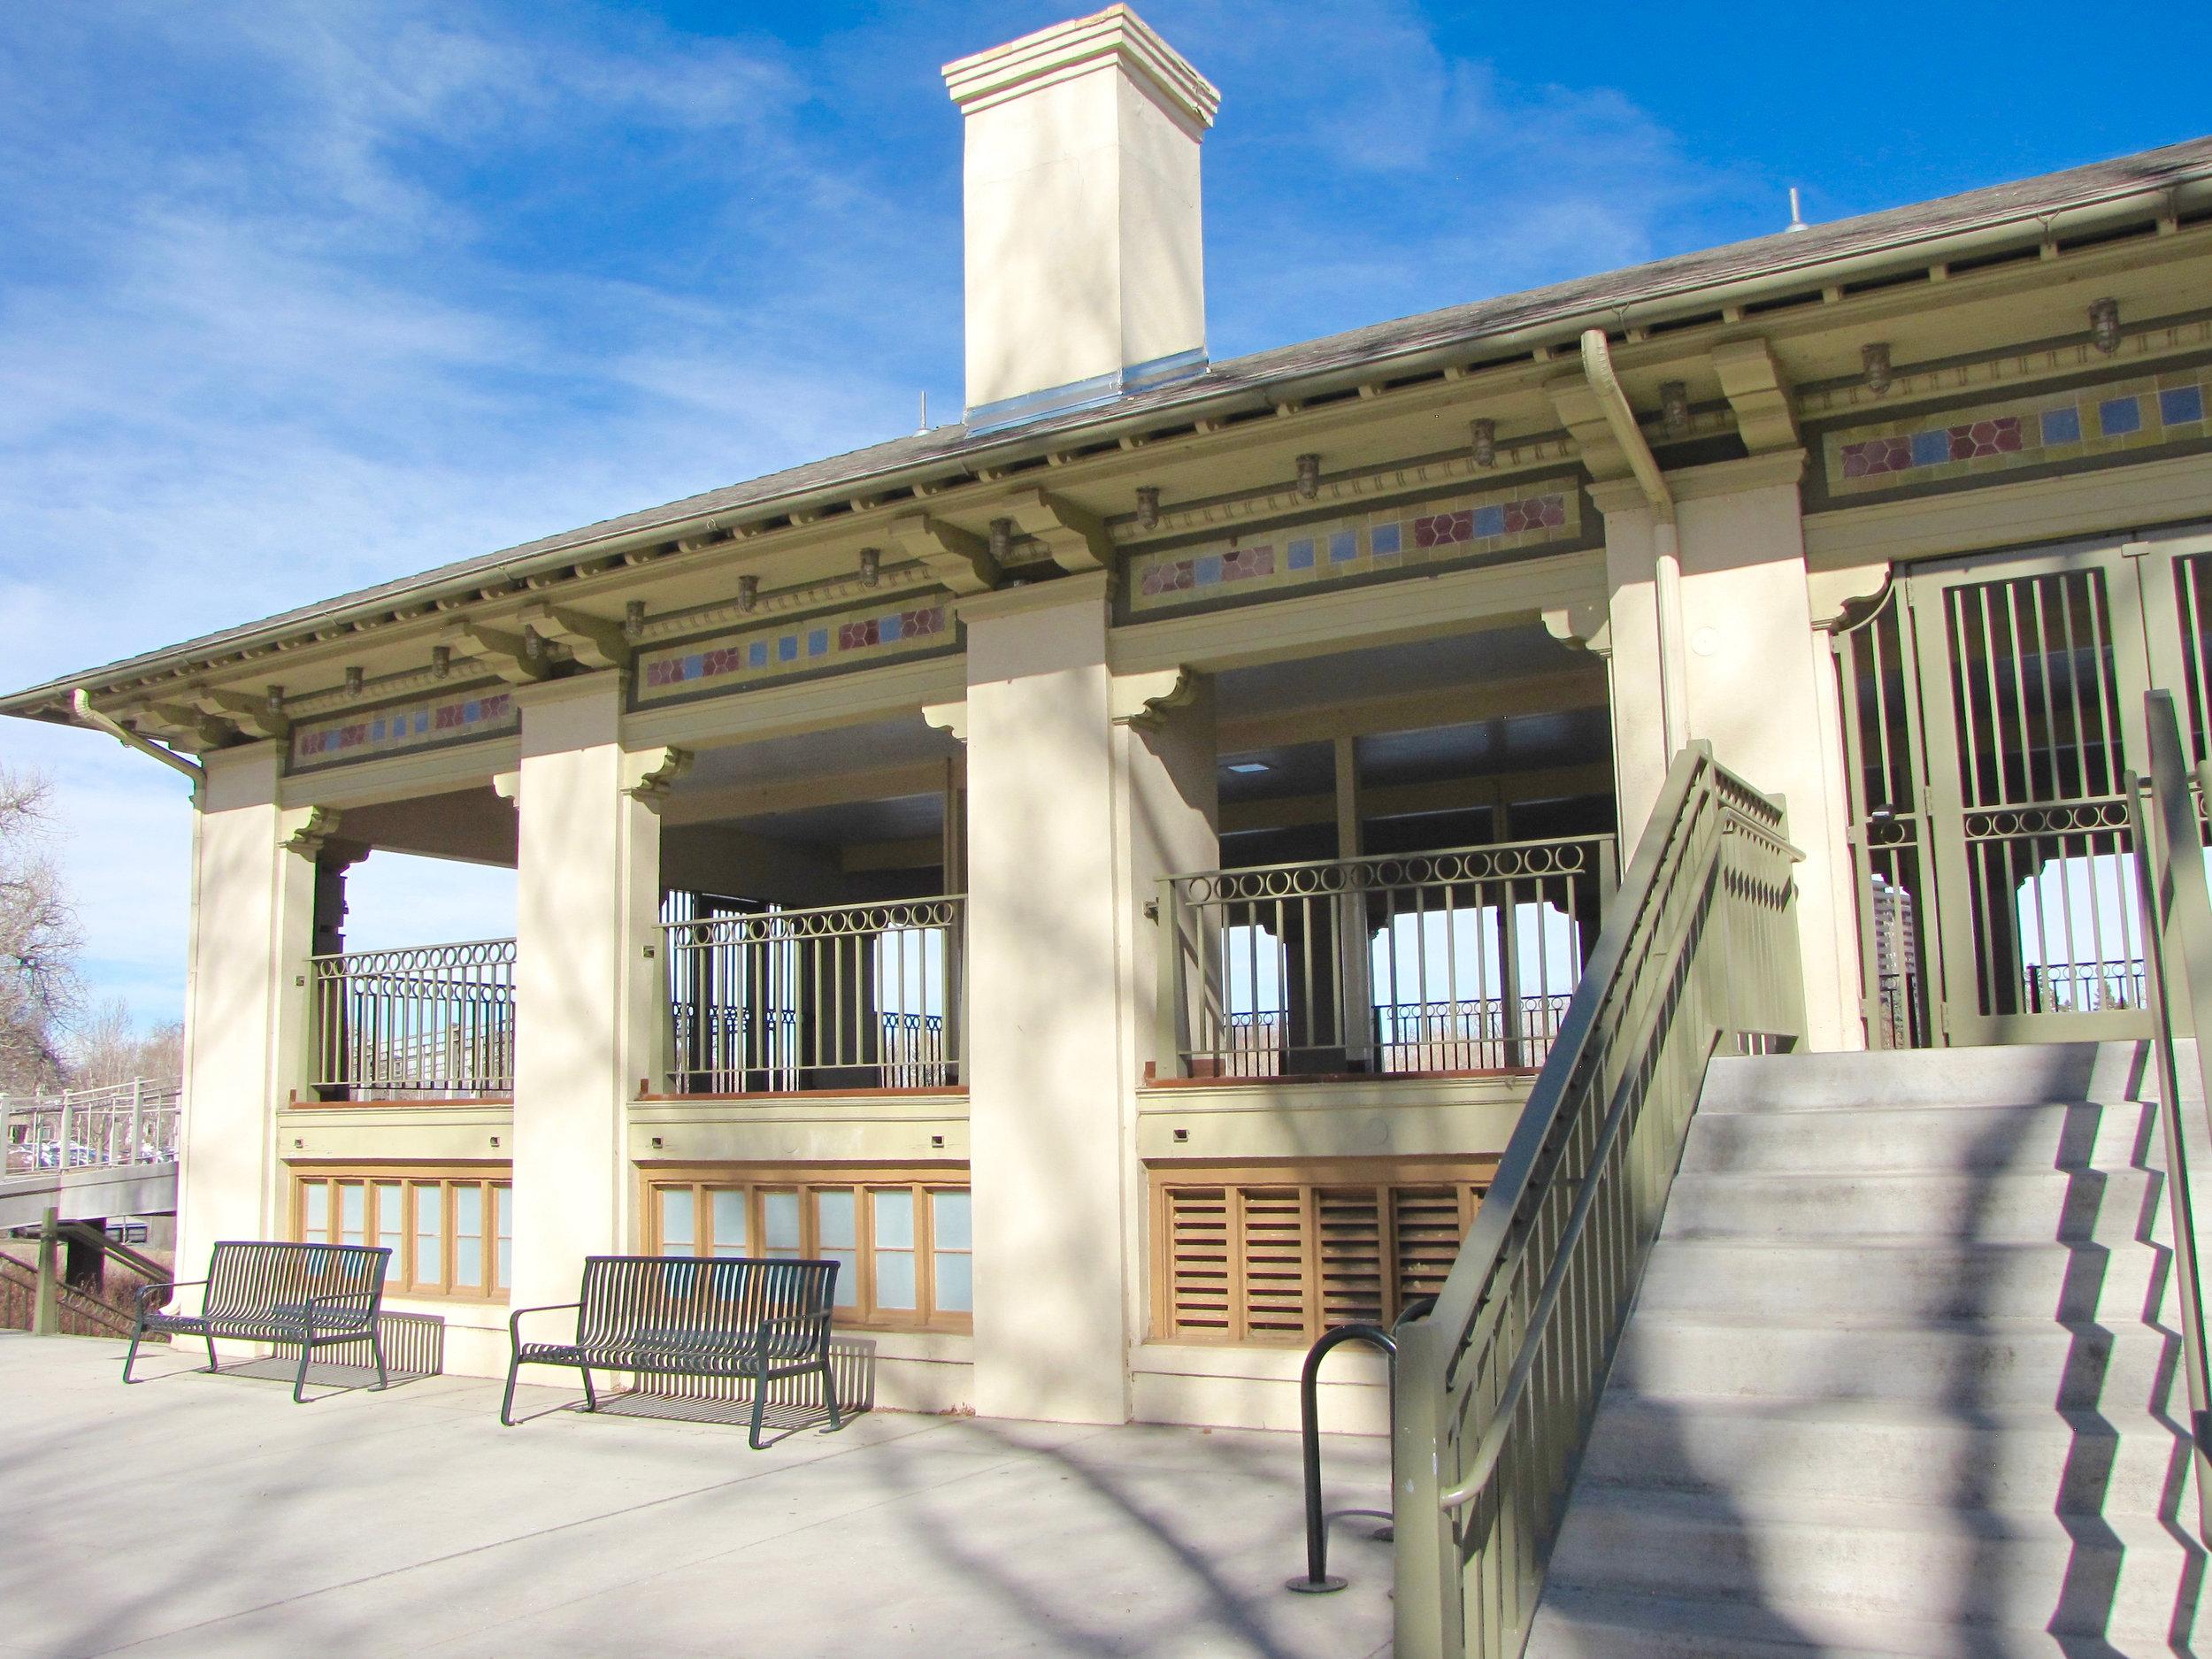 Boathouse-Washington Park, Denver